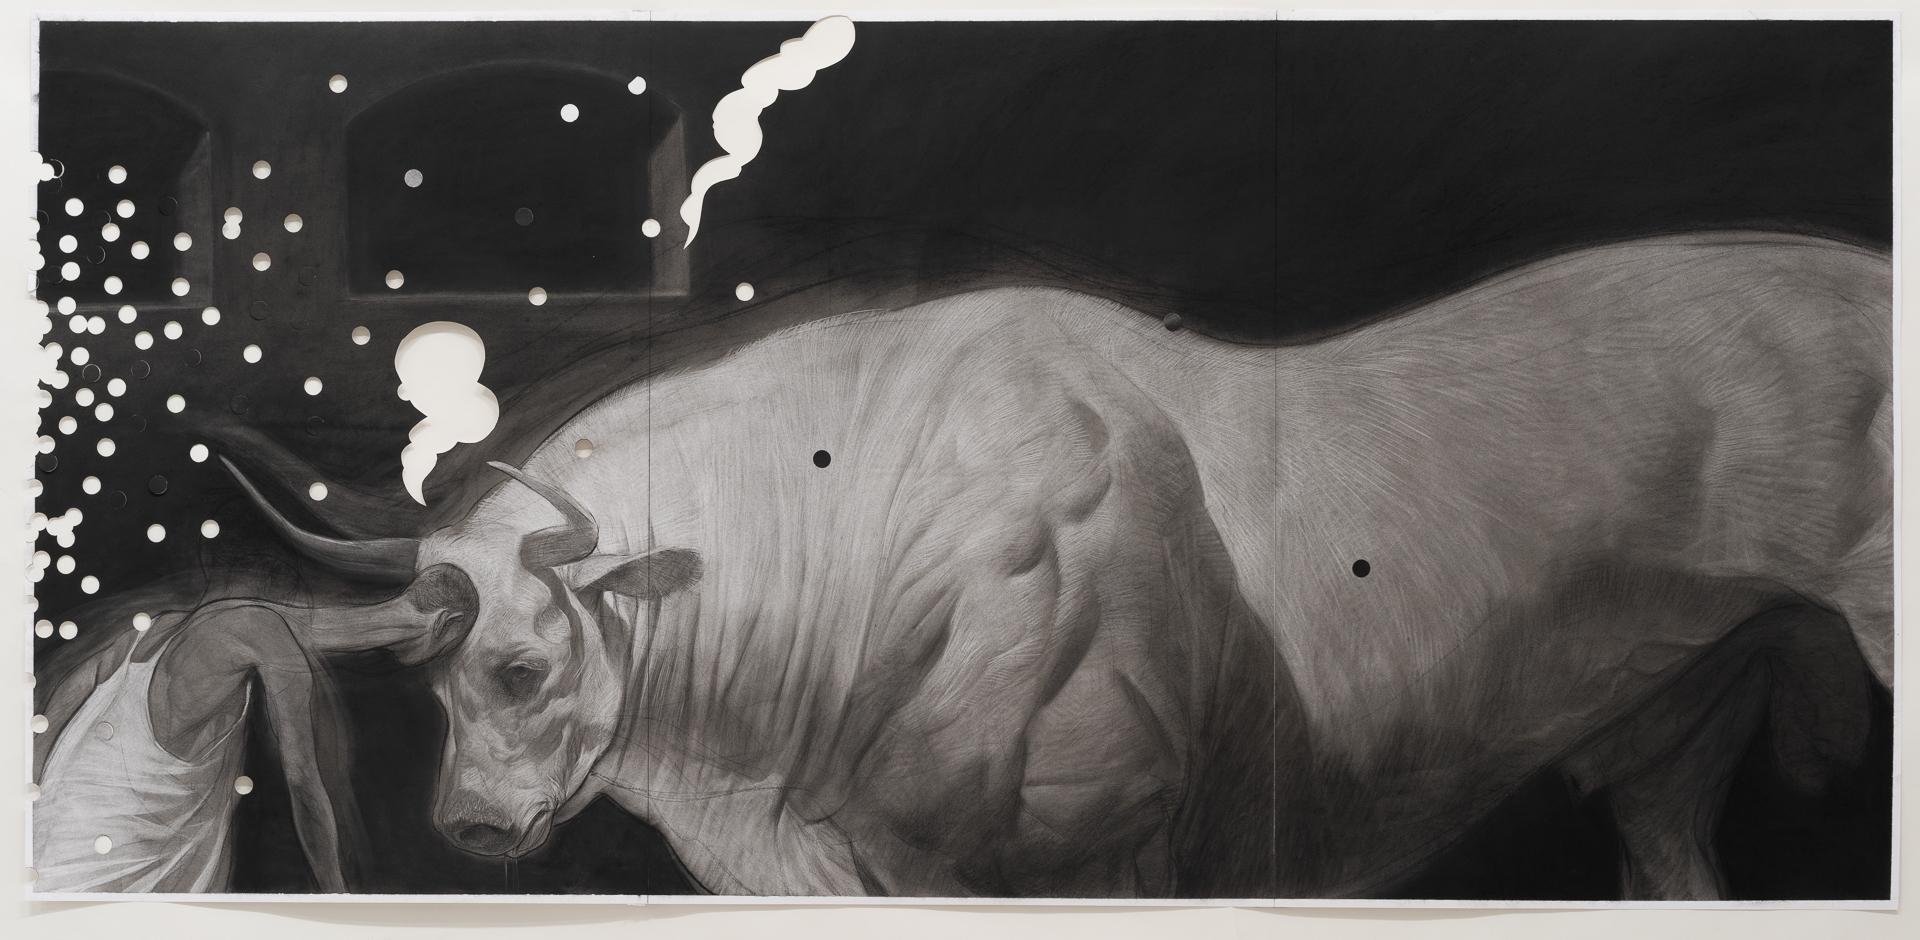 Ruprecht von Kaufmann, Der Stierkämpfer, 2019, Zeichnung, Kohle auf Papier, 210 x 100 cm